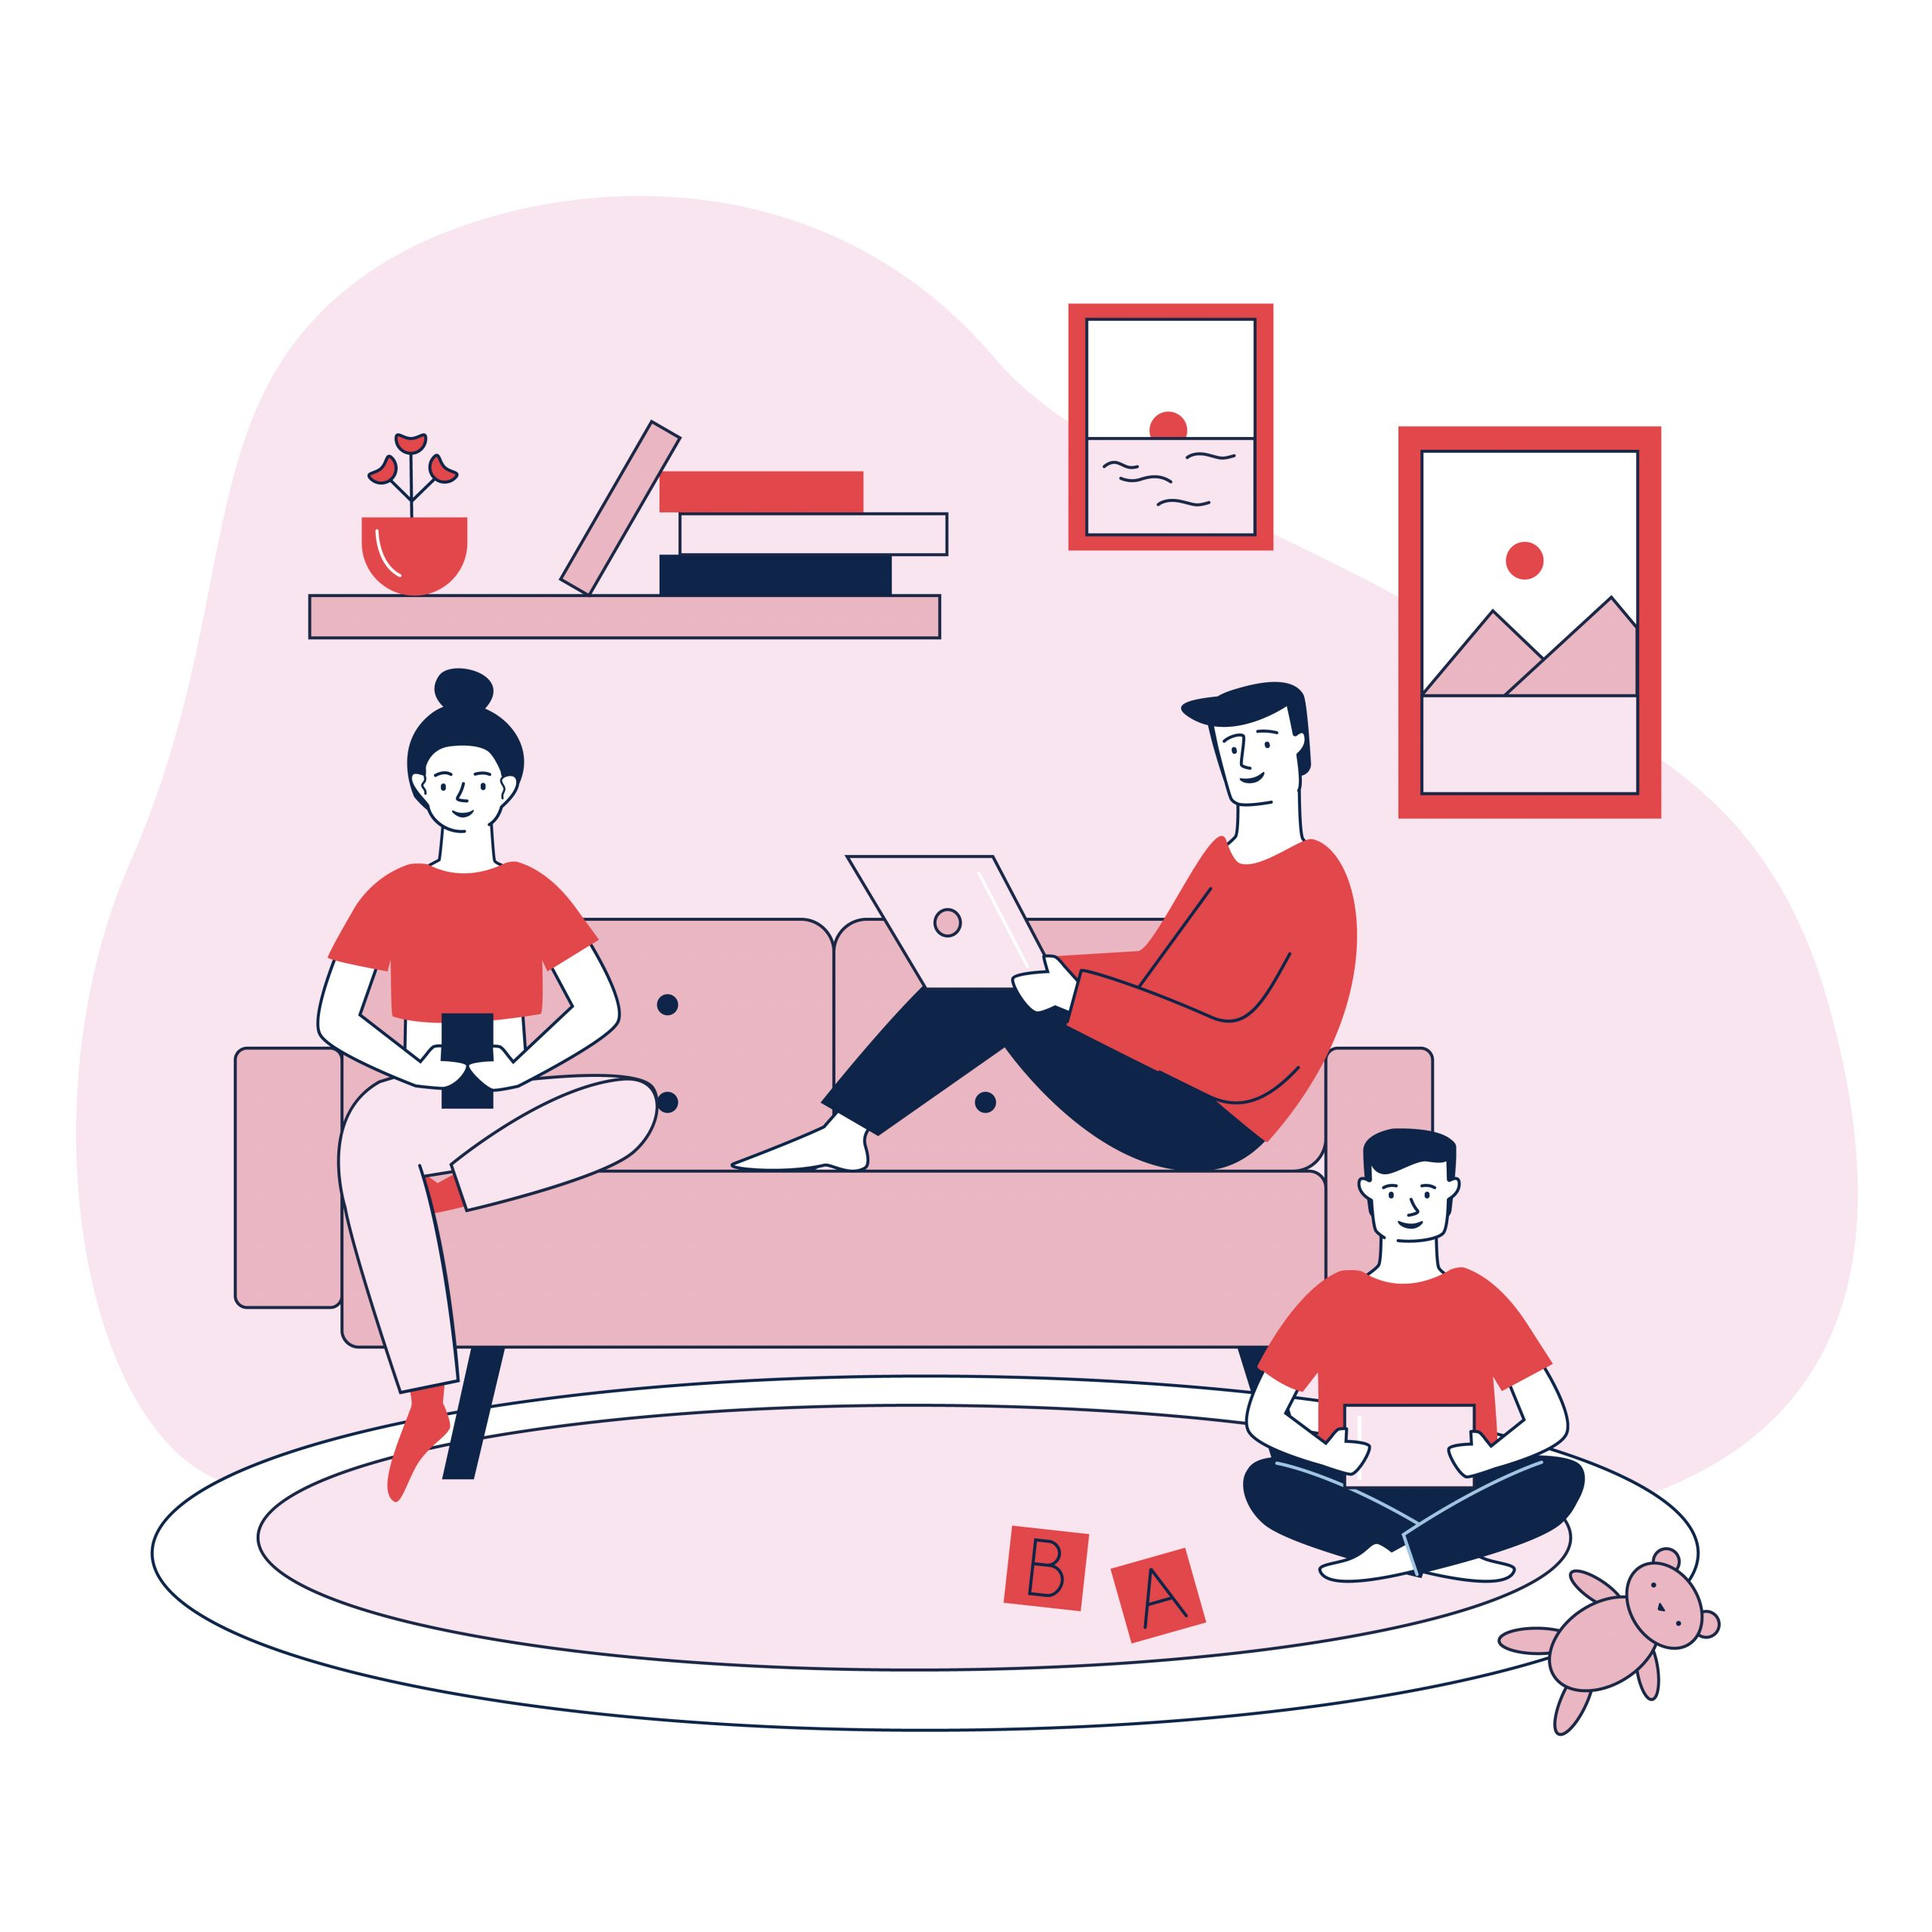 schermgebruik regels familie online